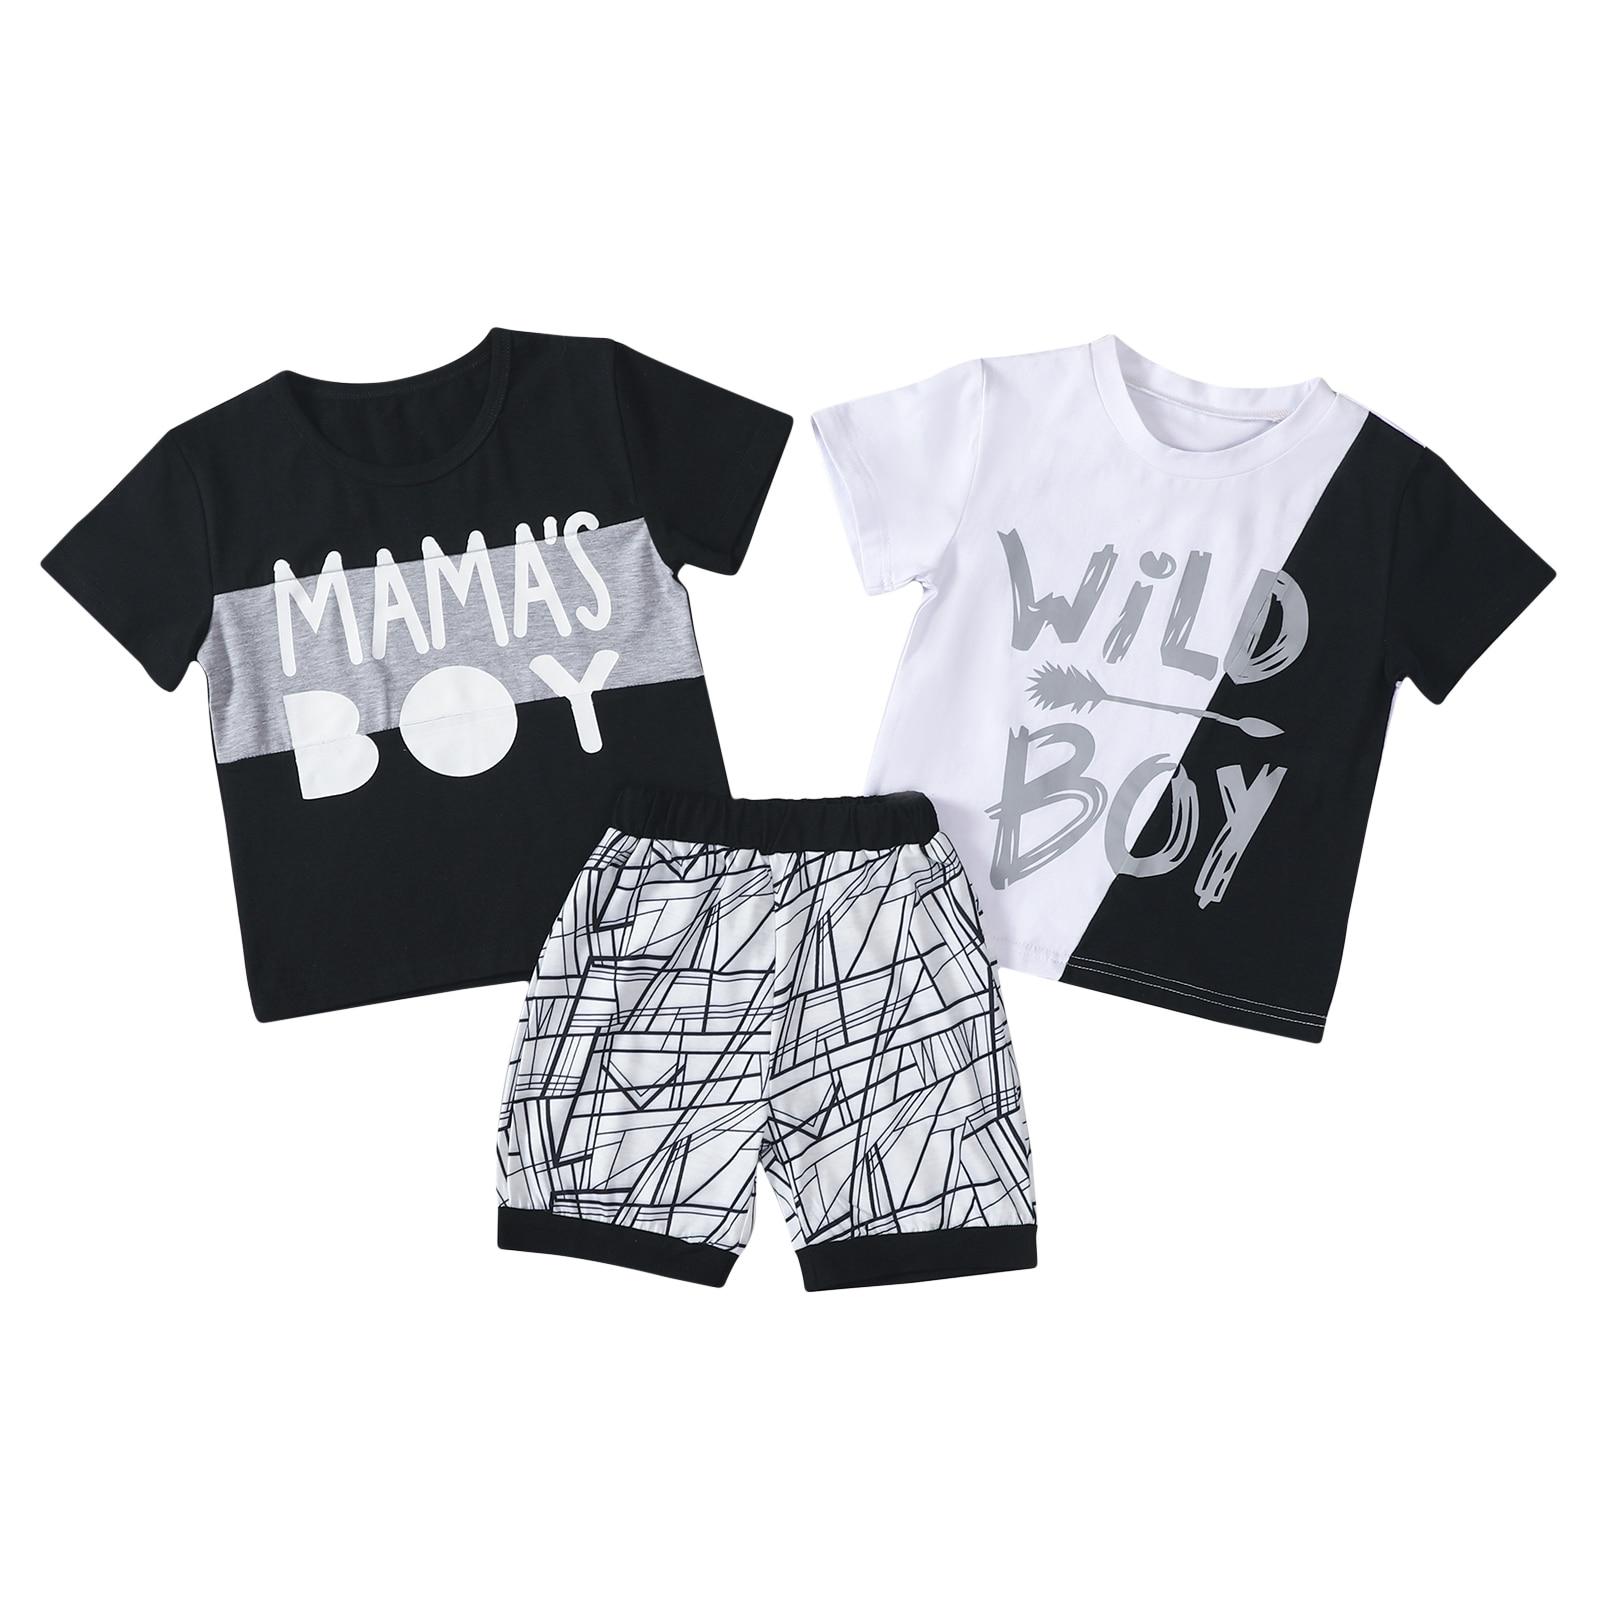 Комплект одежды для маленьких мальчиков, футболка с коротким рукавом и круглым вырезом с буквенным принтом + шорты с эластичным поясом